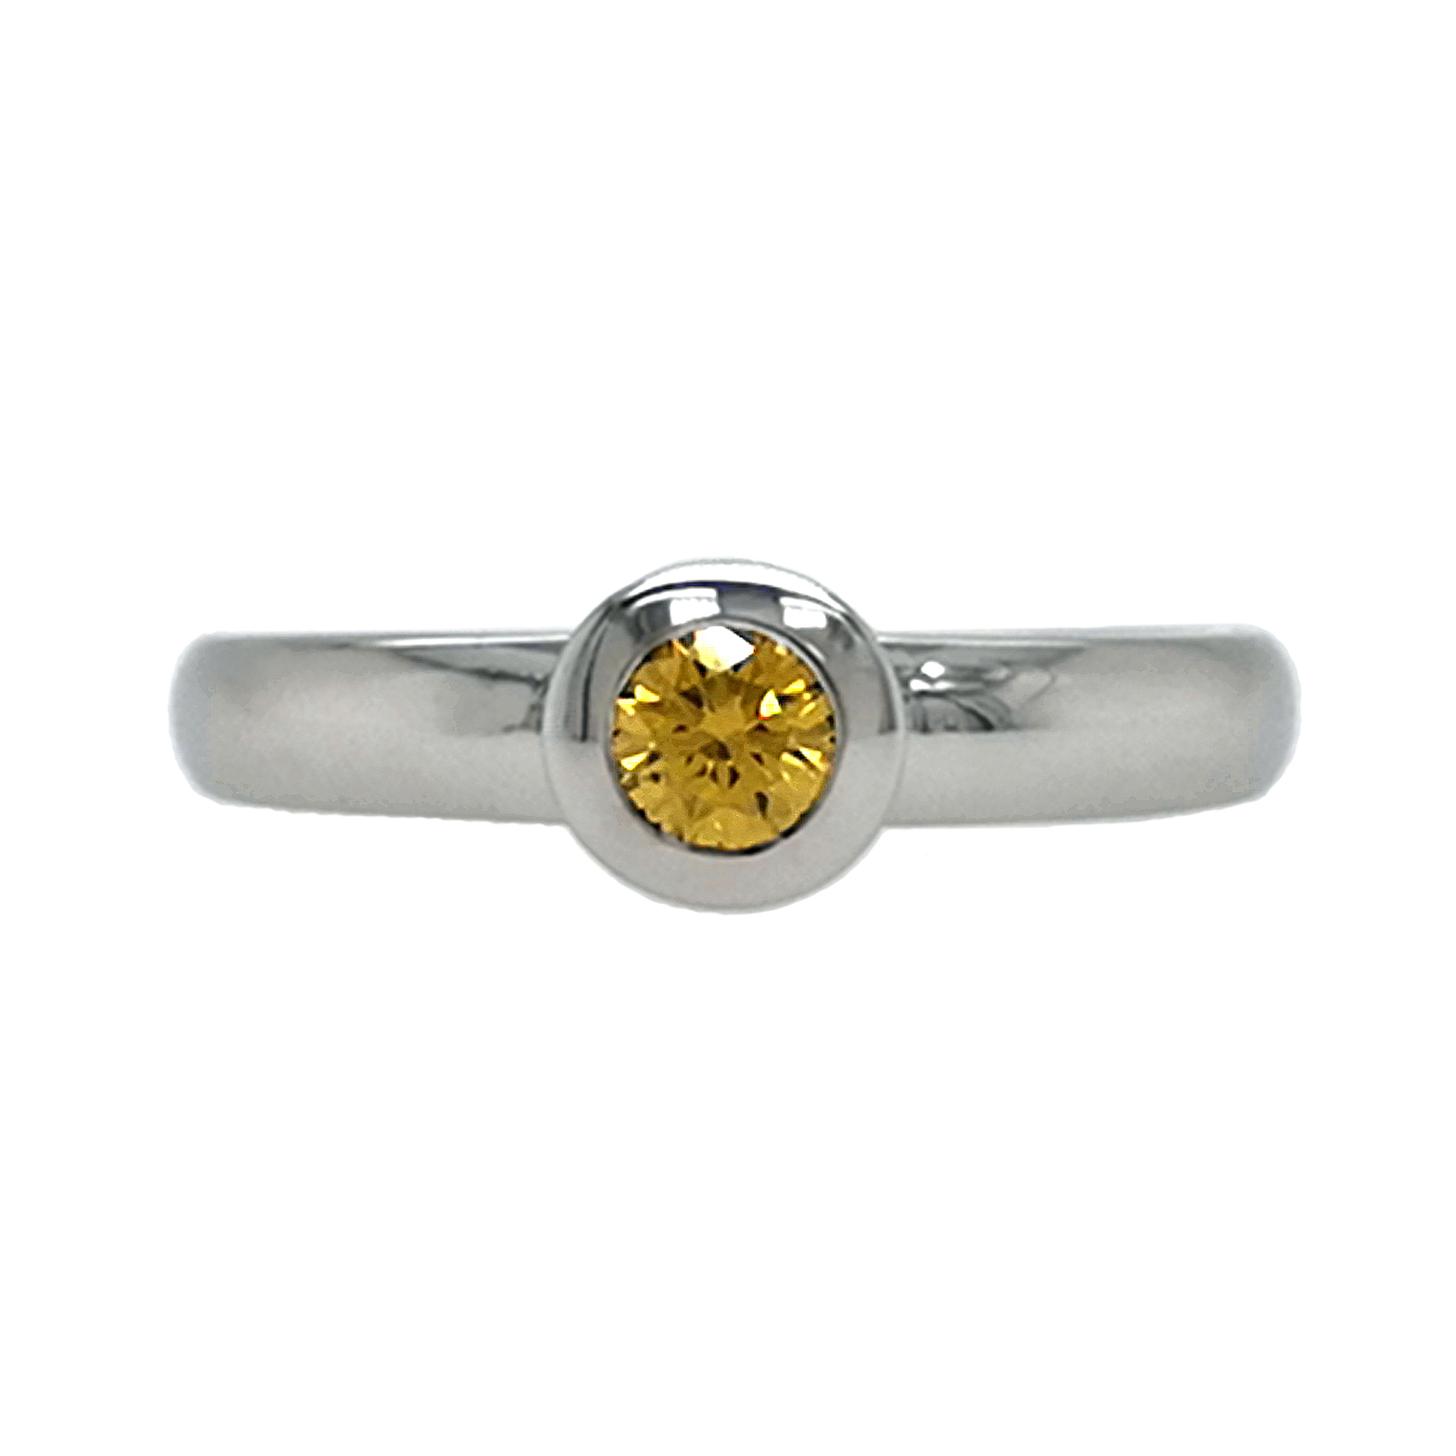 Brillantring aus 585 Weißgold mit gelbem Diamanten, beh., Brillantschliff, ca. 0,25 ct